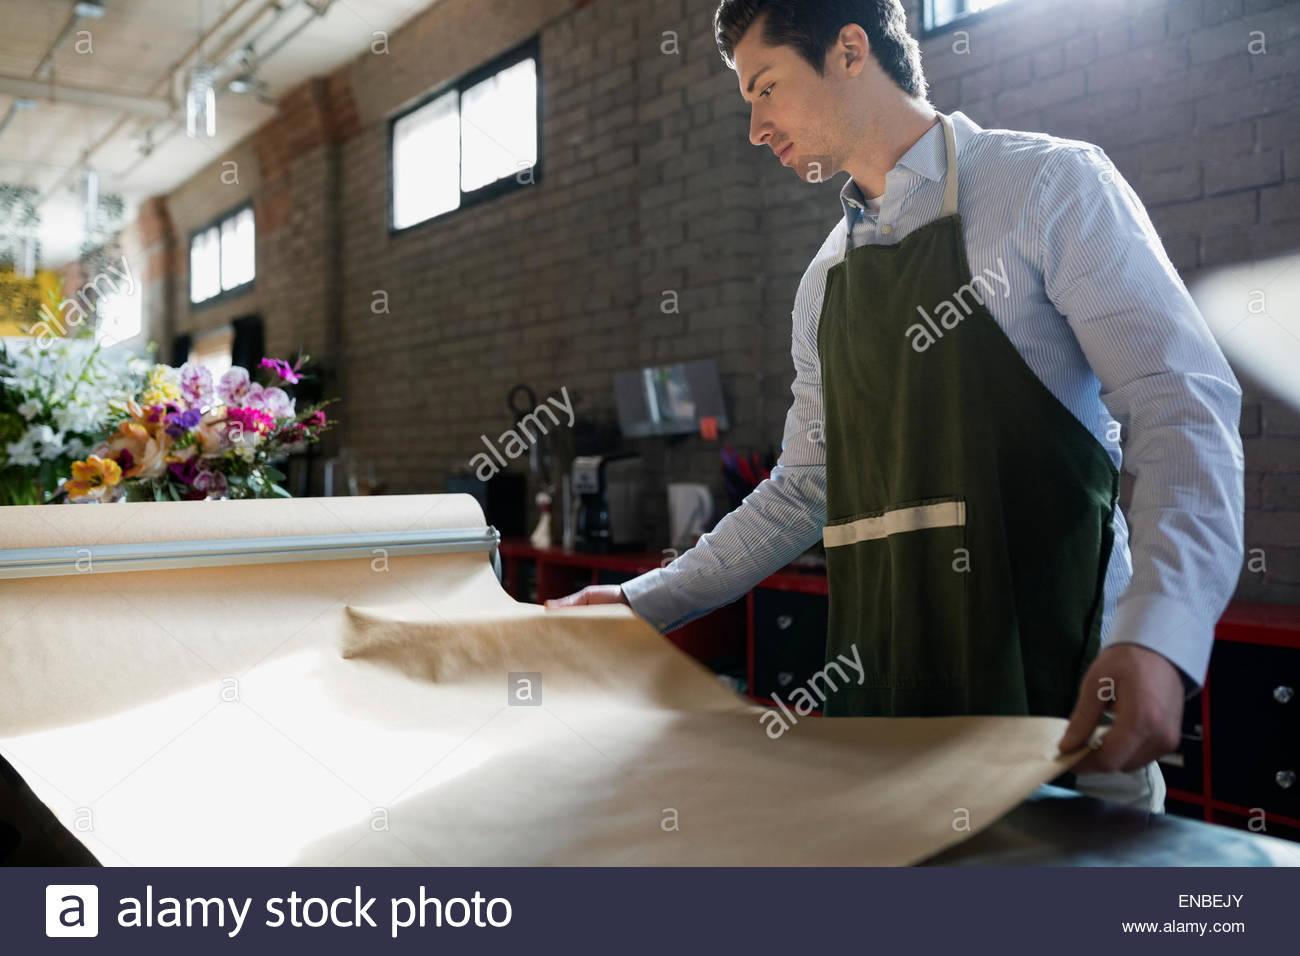 Vermittlung von Kraftpapier im Blumenladen Blumengeschäft Stockbild